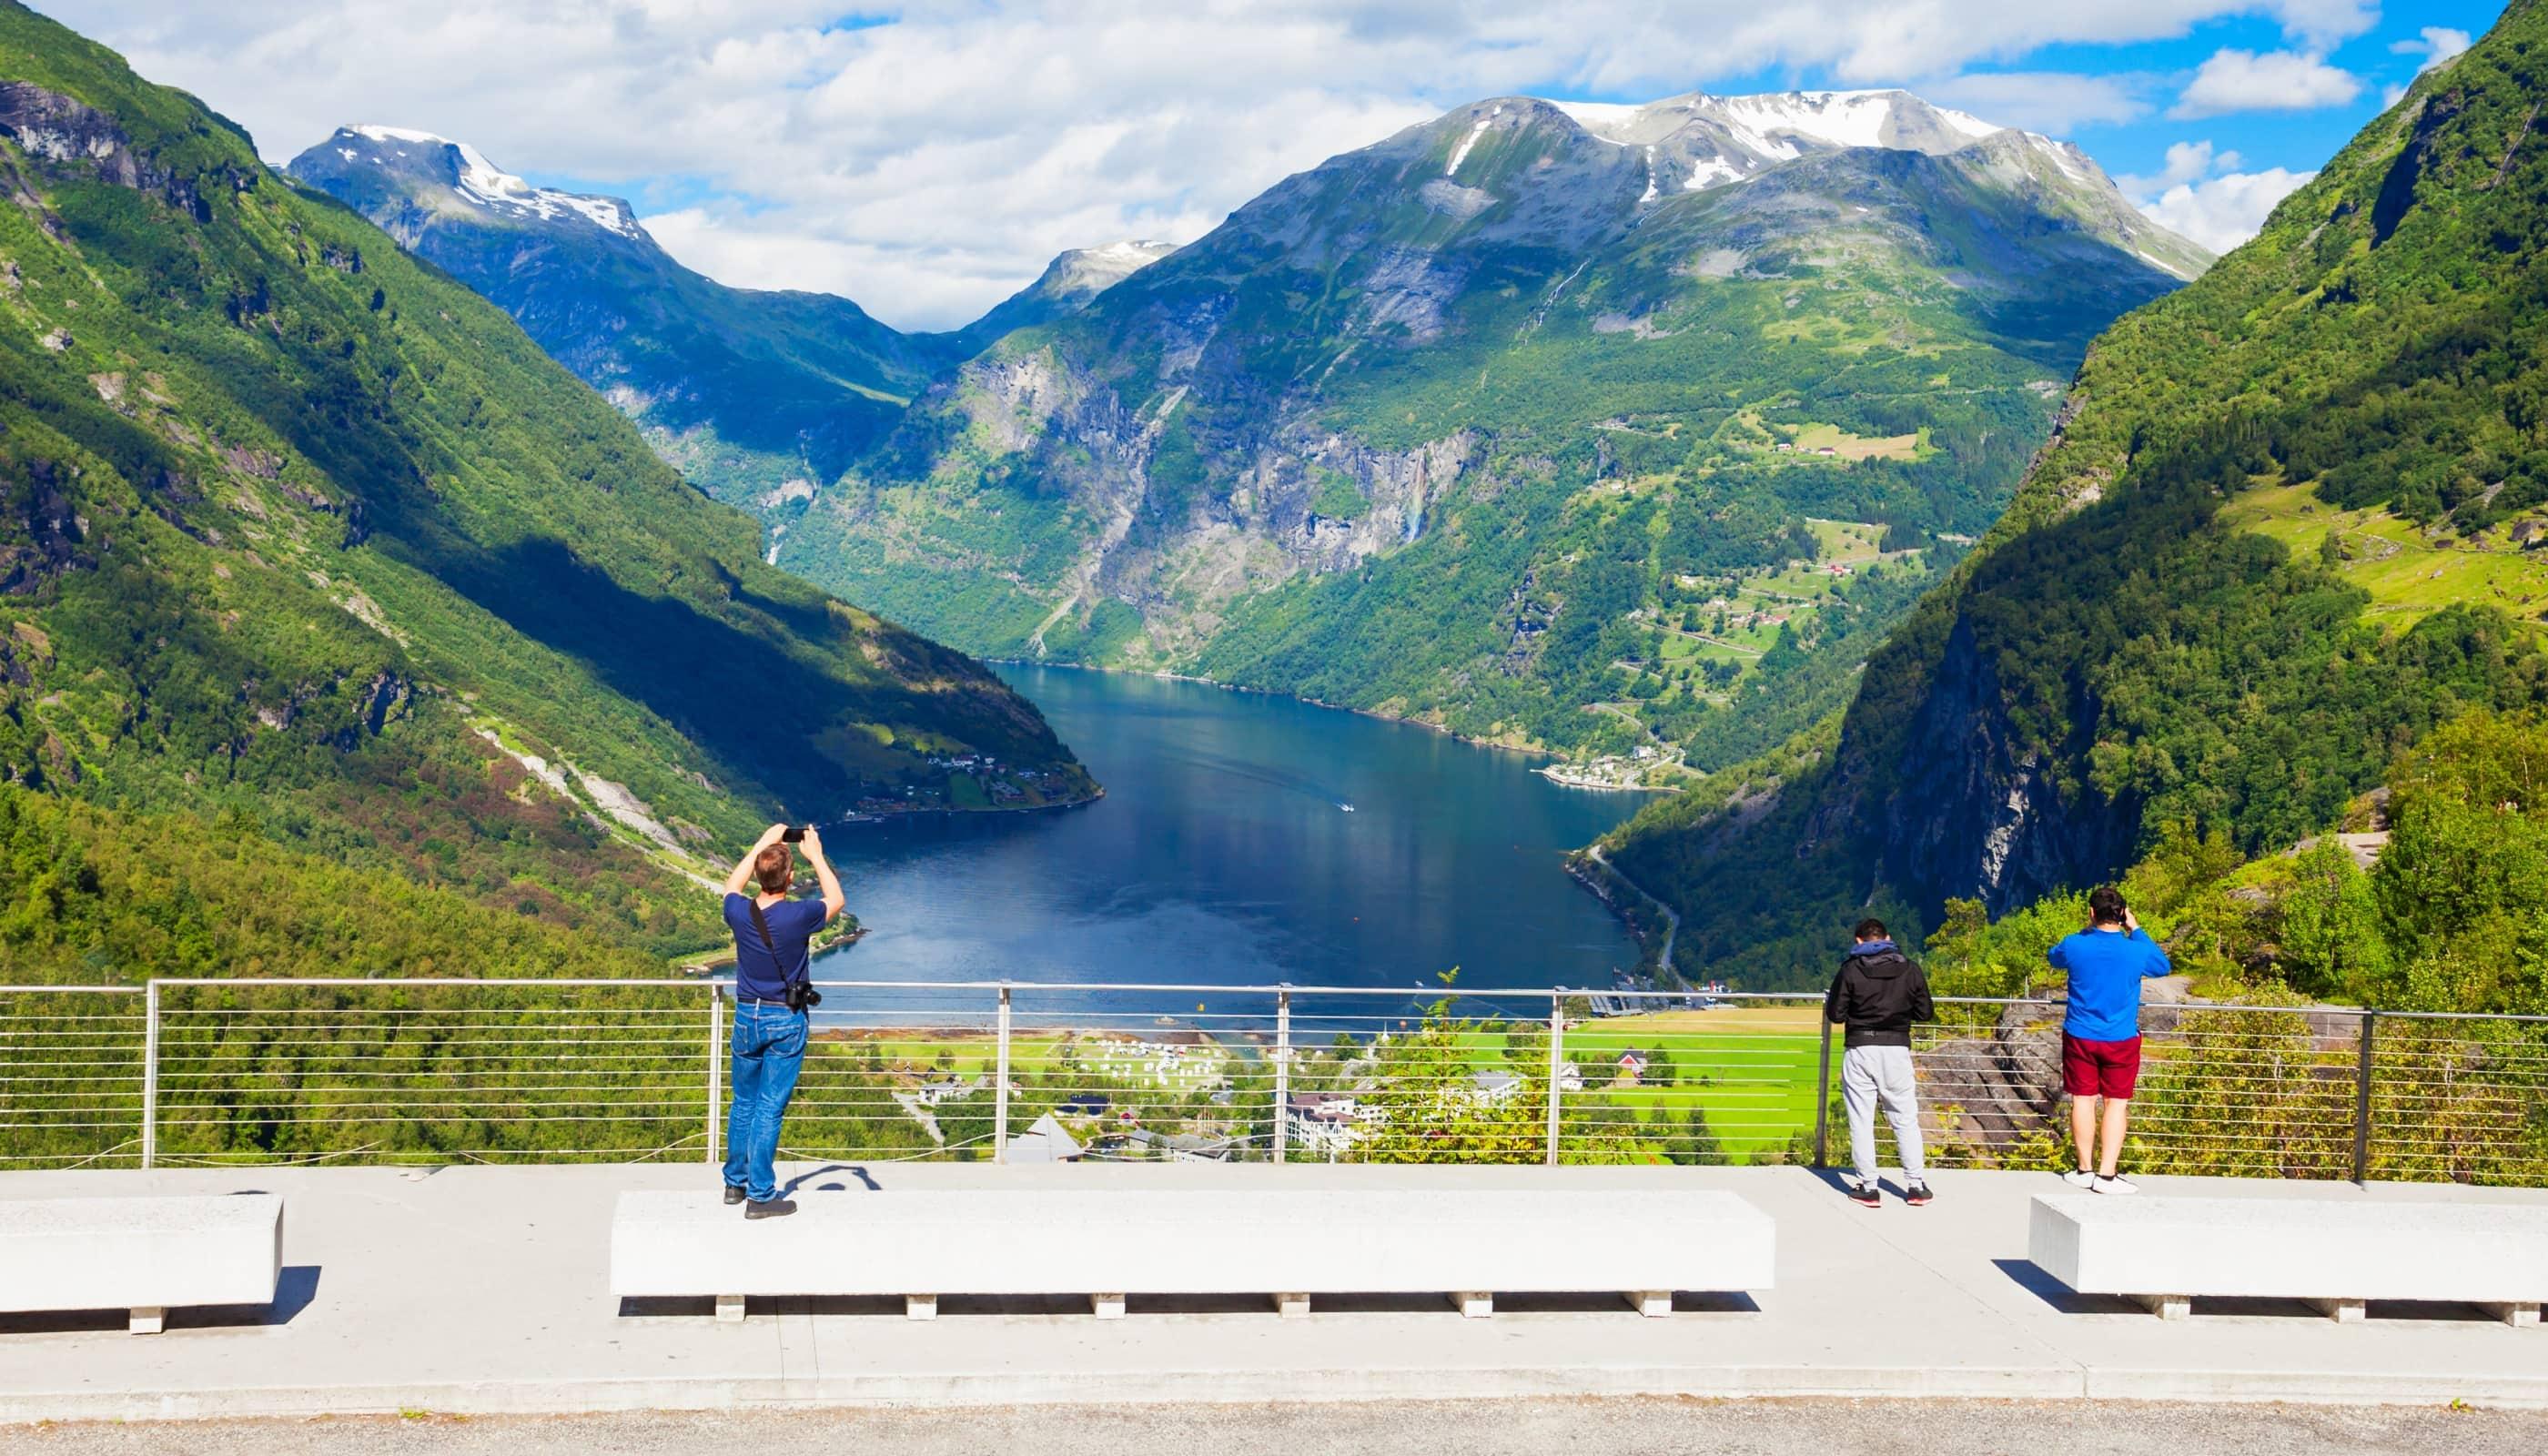 CruisePlus River Cruises Ocean Cruises Tours Safaris Cruise Deals